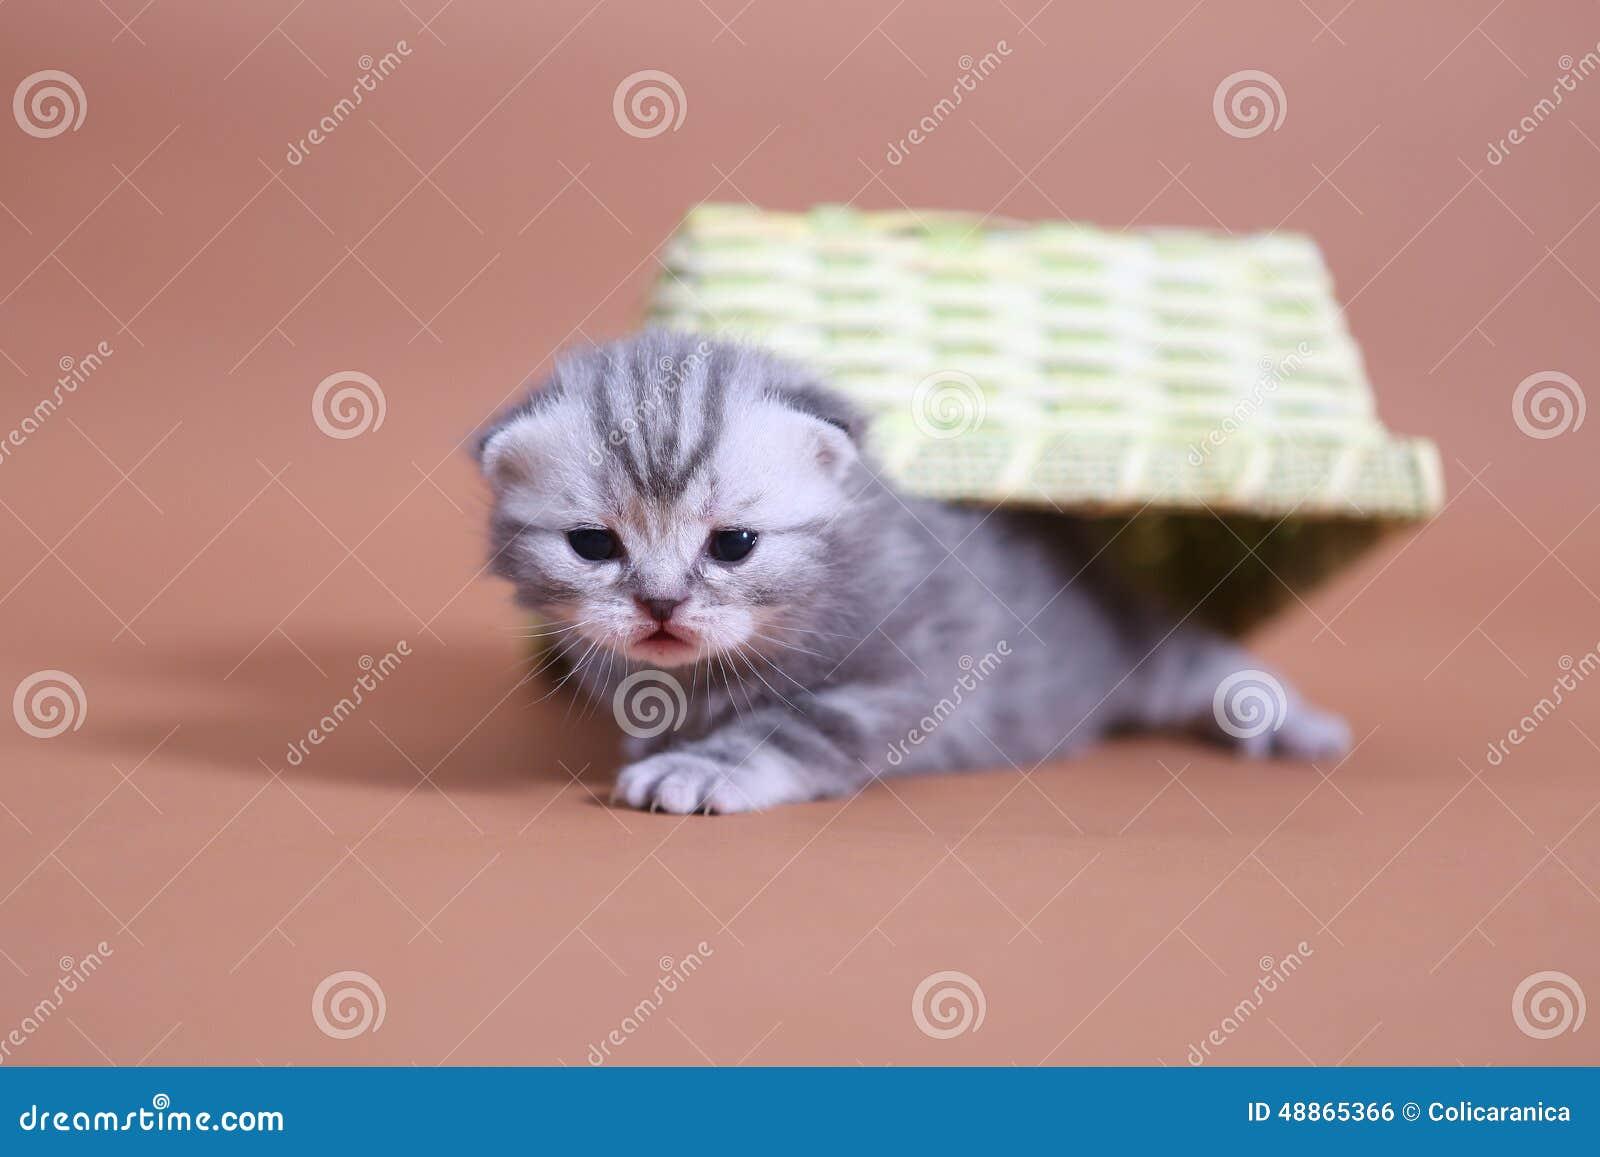 cats bus schedule 14